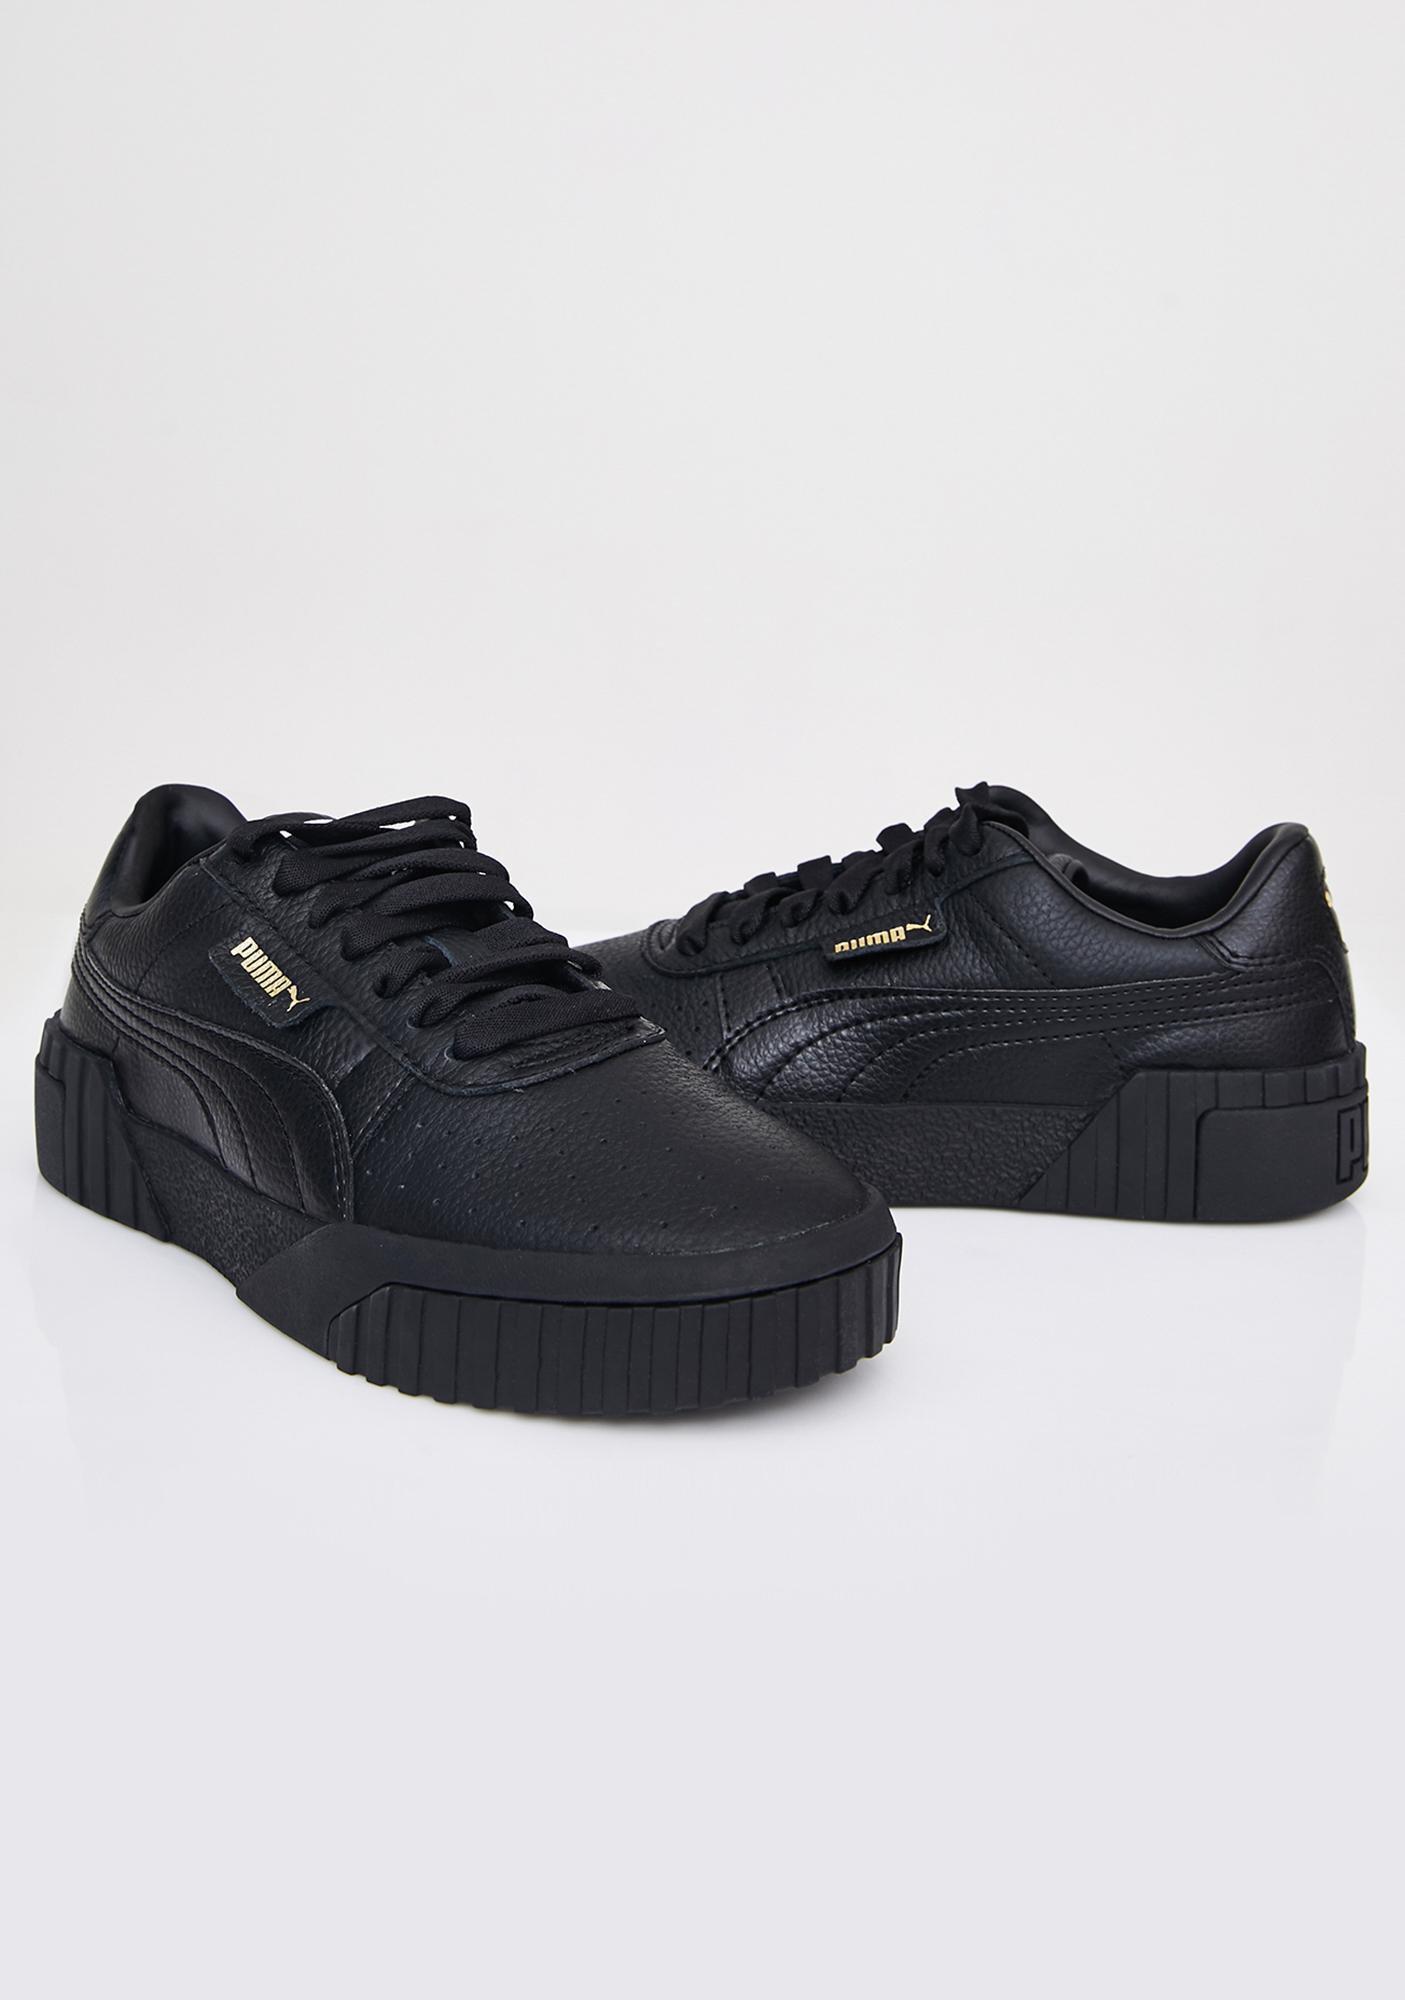 PUMA Black Cali Sneakers   Dolls Kill